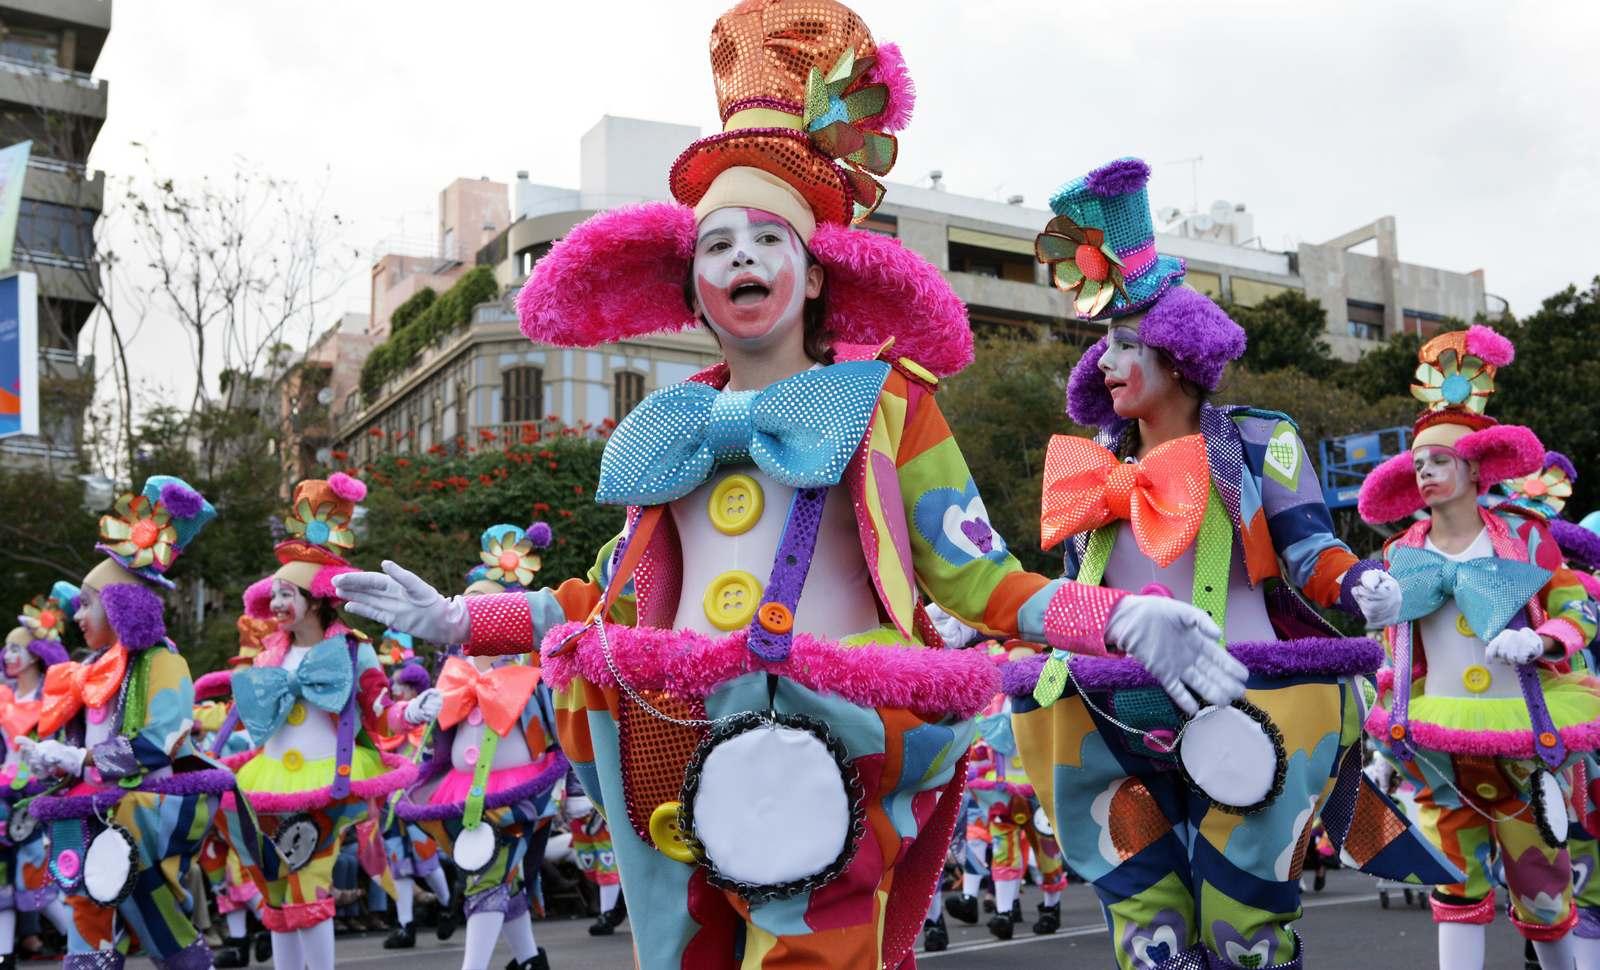 Peinados originales para Carnaval [FOTOS] Ella Hoy - Peinados Divertidos Para Carnaval